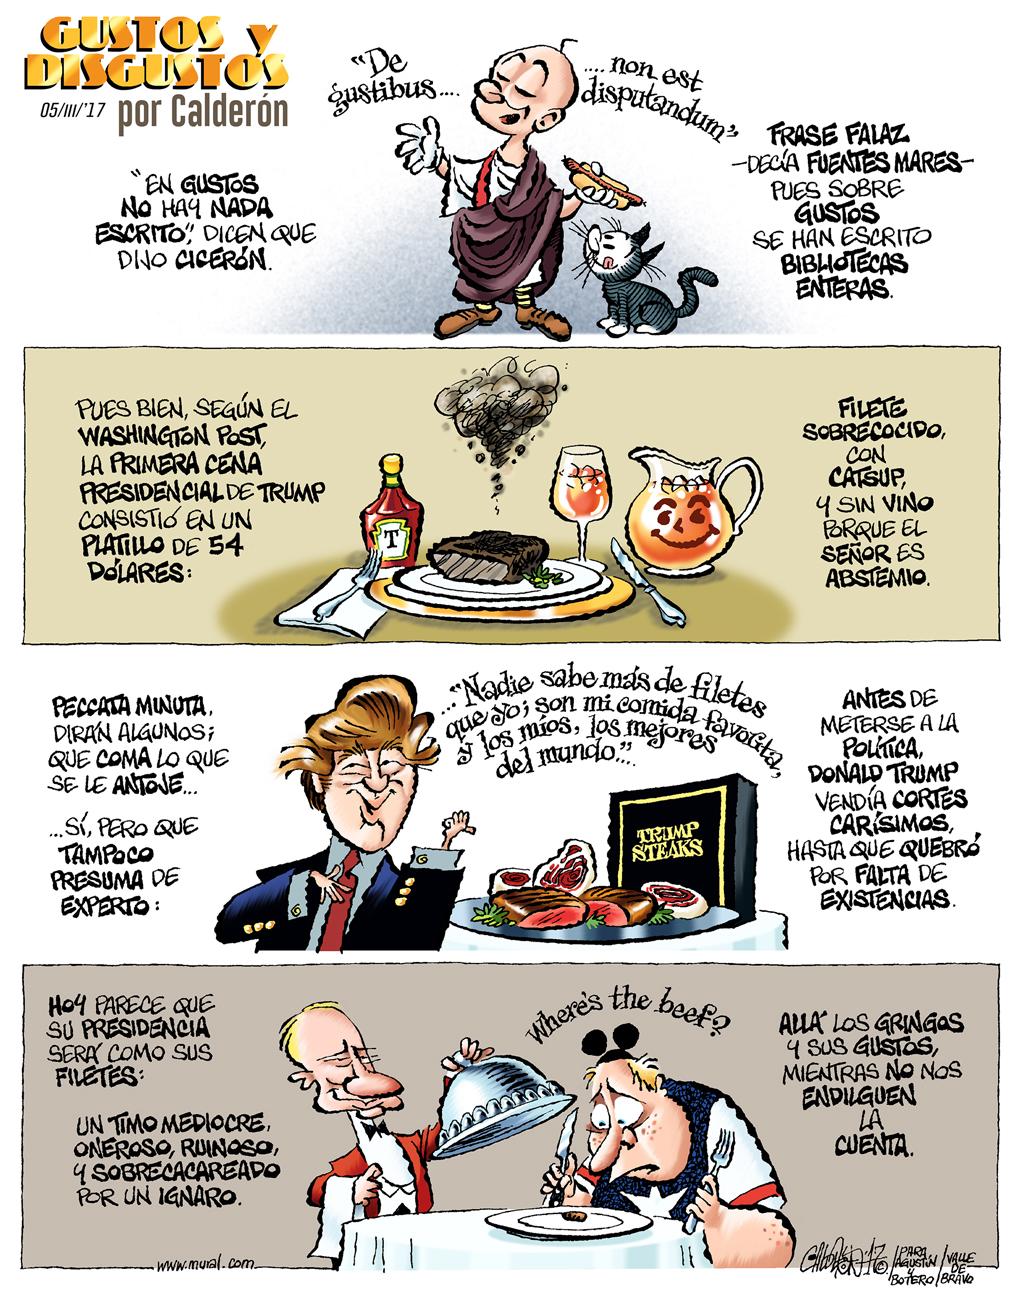 Gustos y disgustos - Calderón